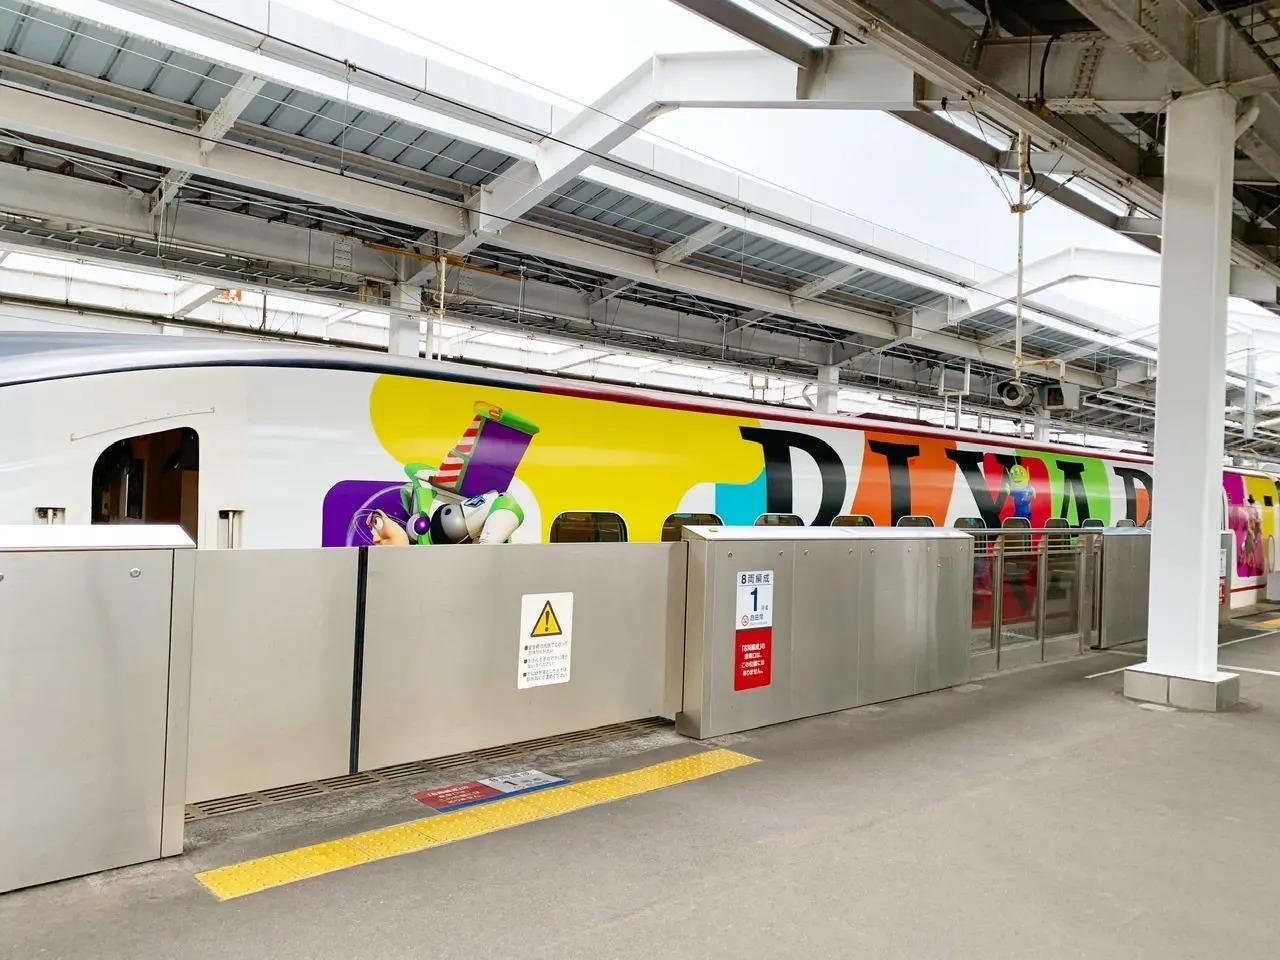 鎌倉&京都のおすすめ女子旅♪ ピクサー新幹線に乗ってみた♡【今週のMOREインフルエンサーズライフスタイル人気ランキング】_2